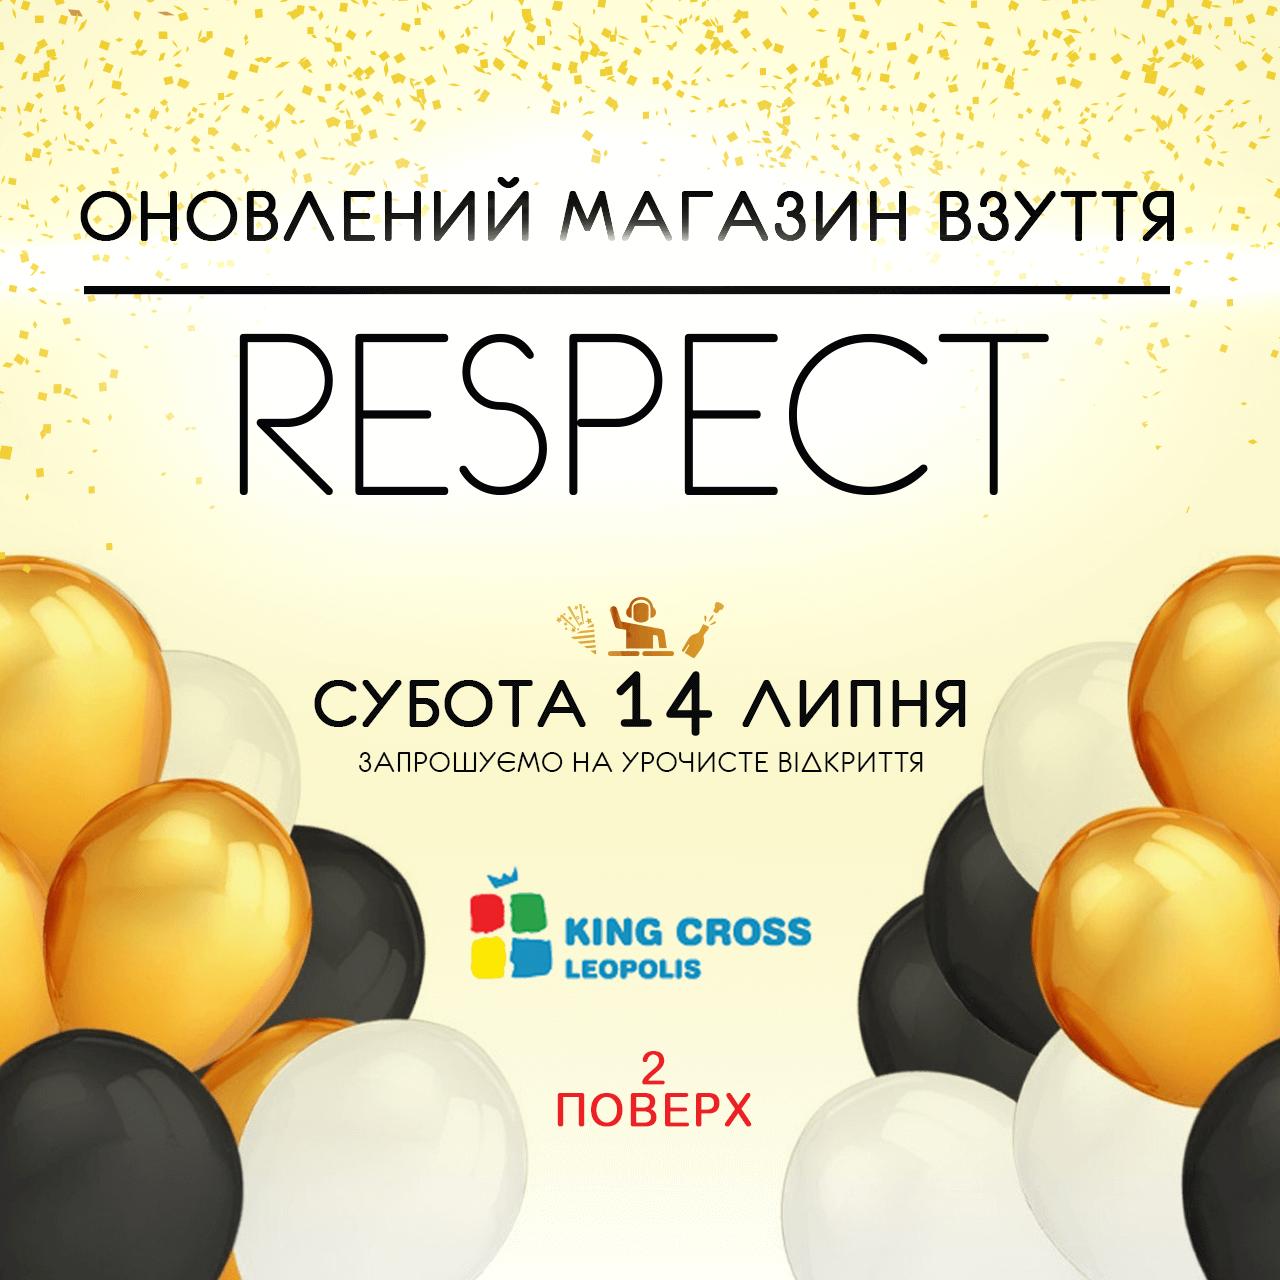 Запрошуємо на святкове відкриття оновленого магазину Respect!